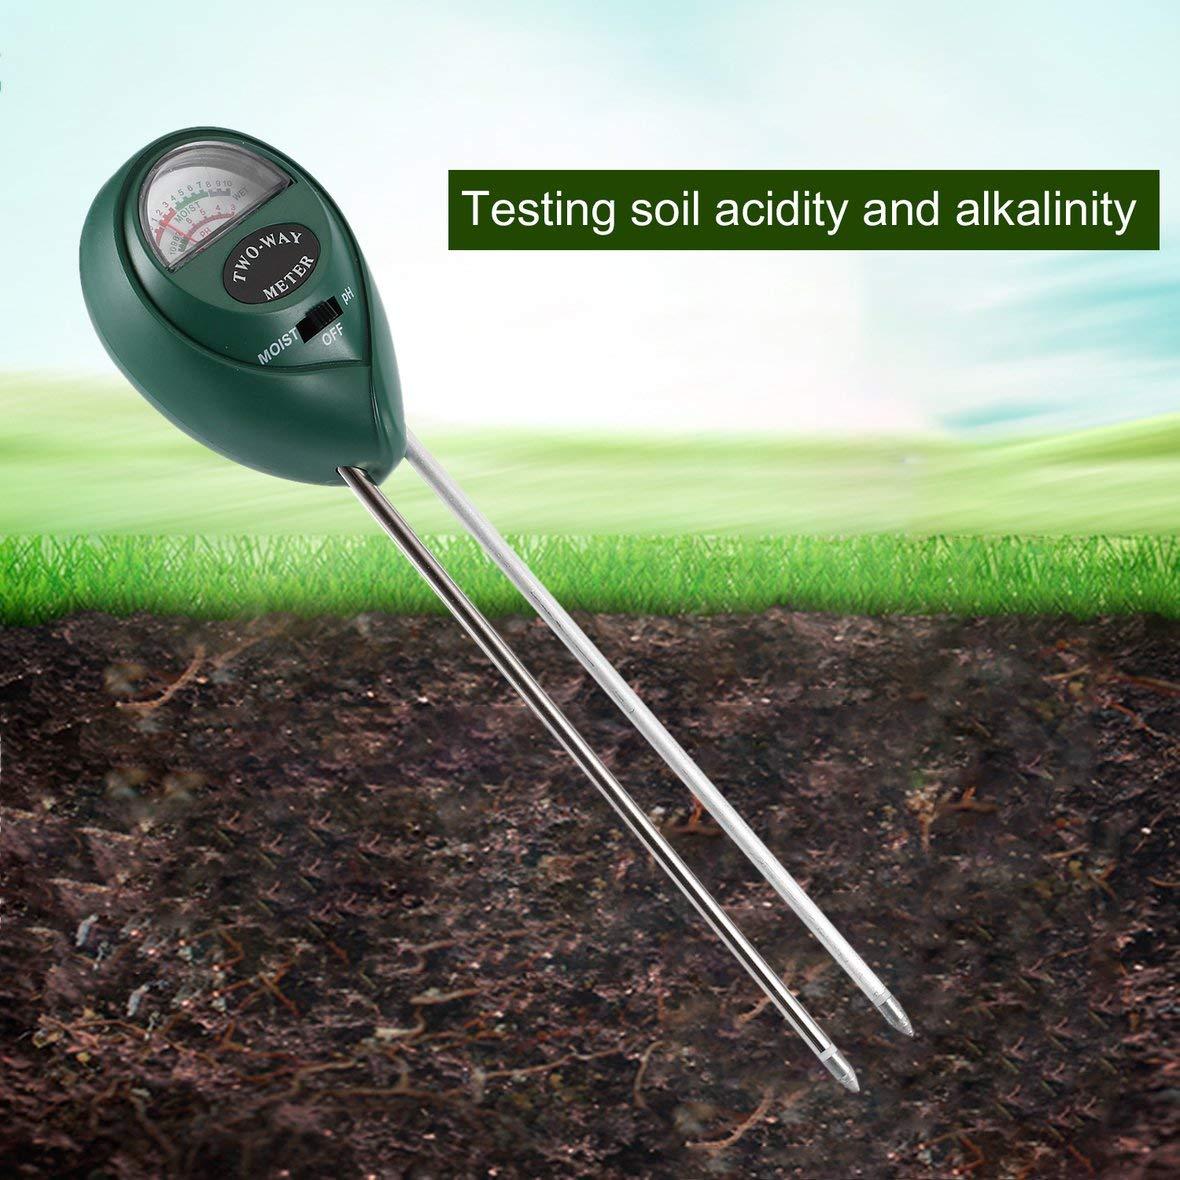 Tivolii 2 in 1 Soil Moisture PH Meter Soil Hygrometer Durable Soil Tester Garden Moisture Soil PH Intensity Meter